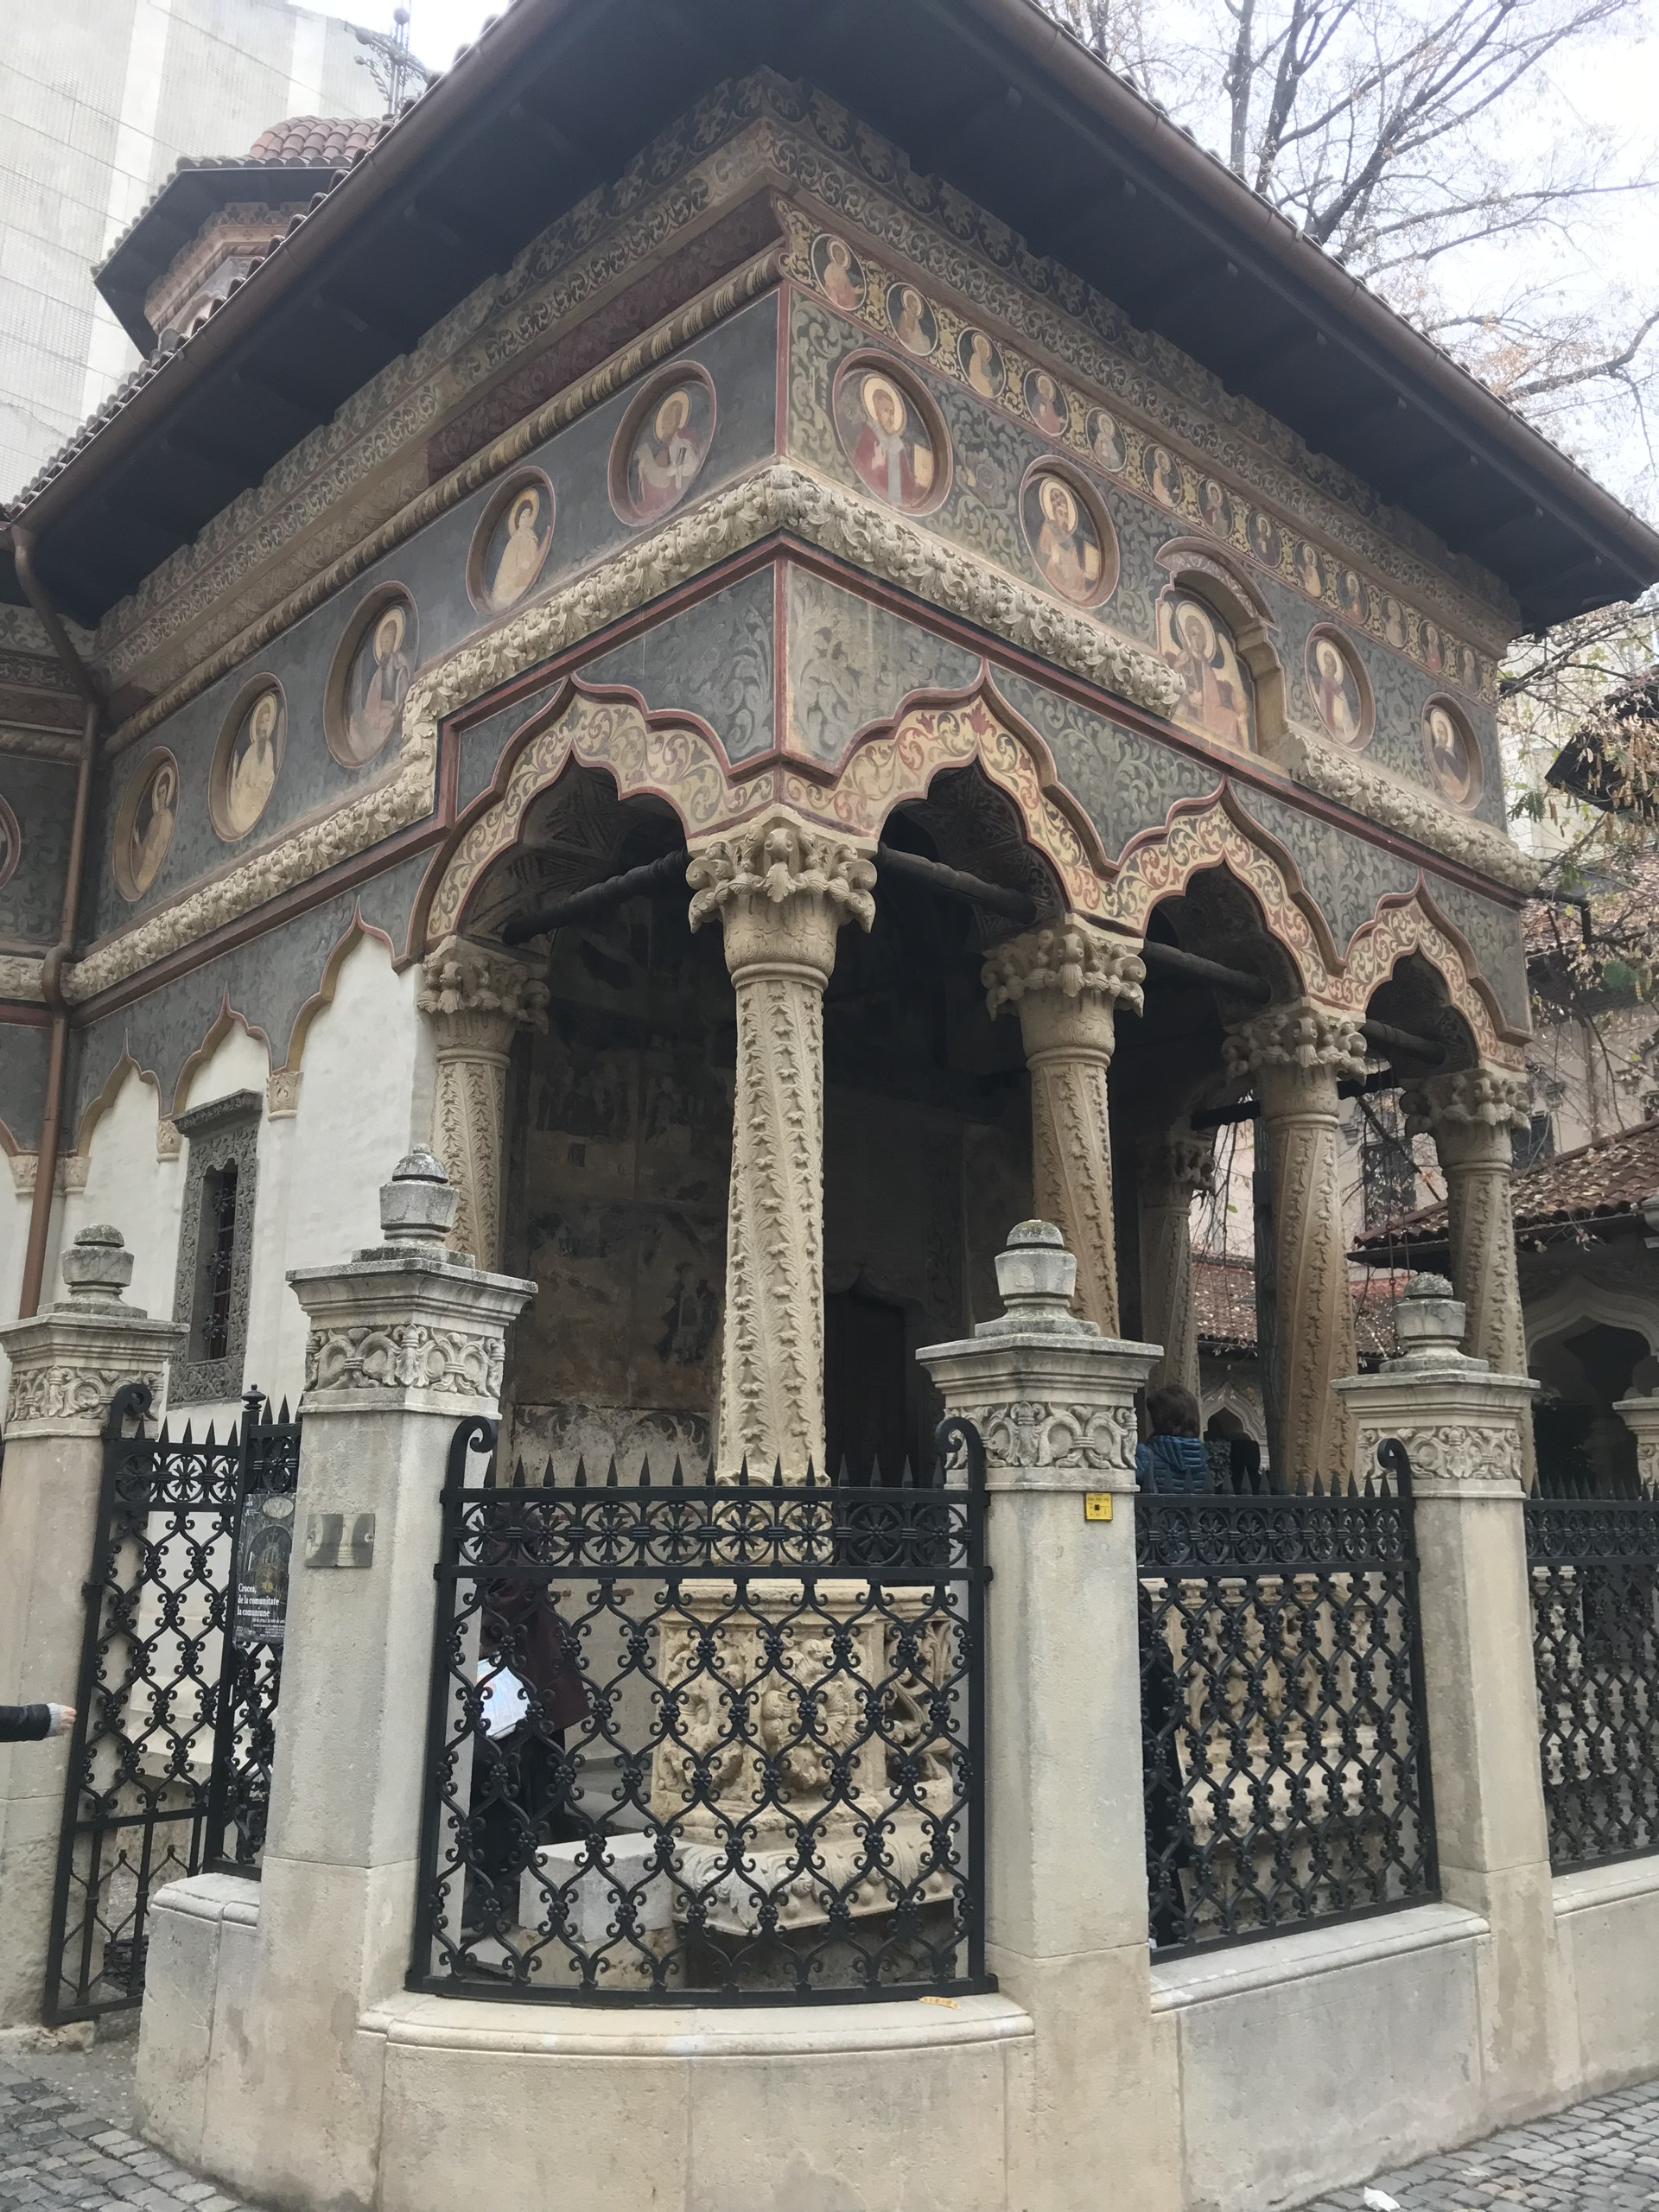 biserica-stavropoleos-cbdb2872772c445ea7